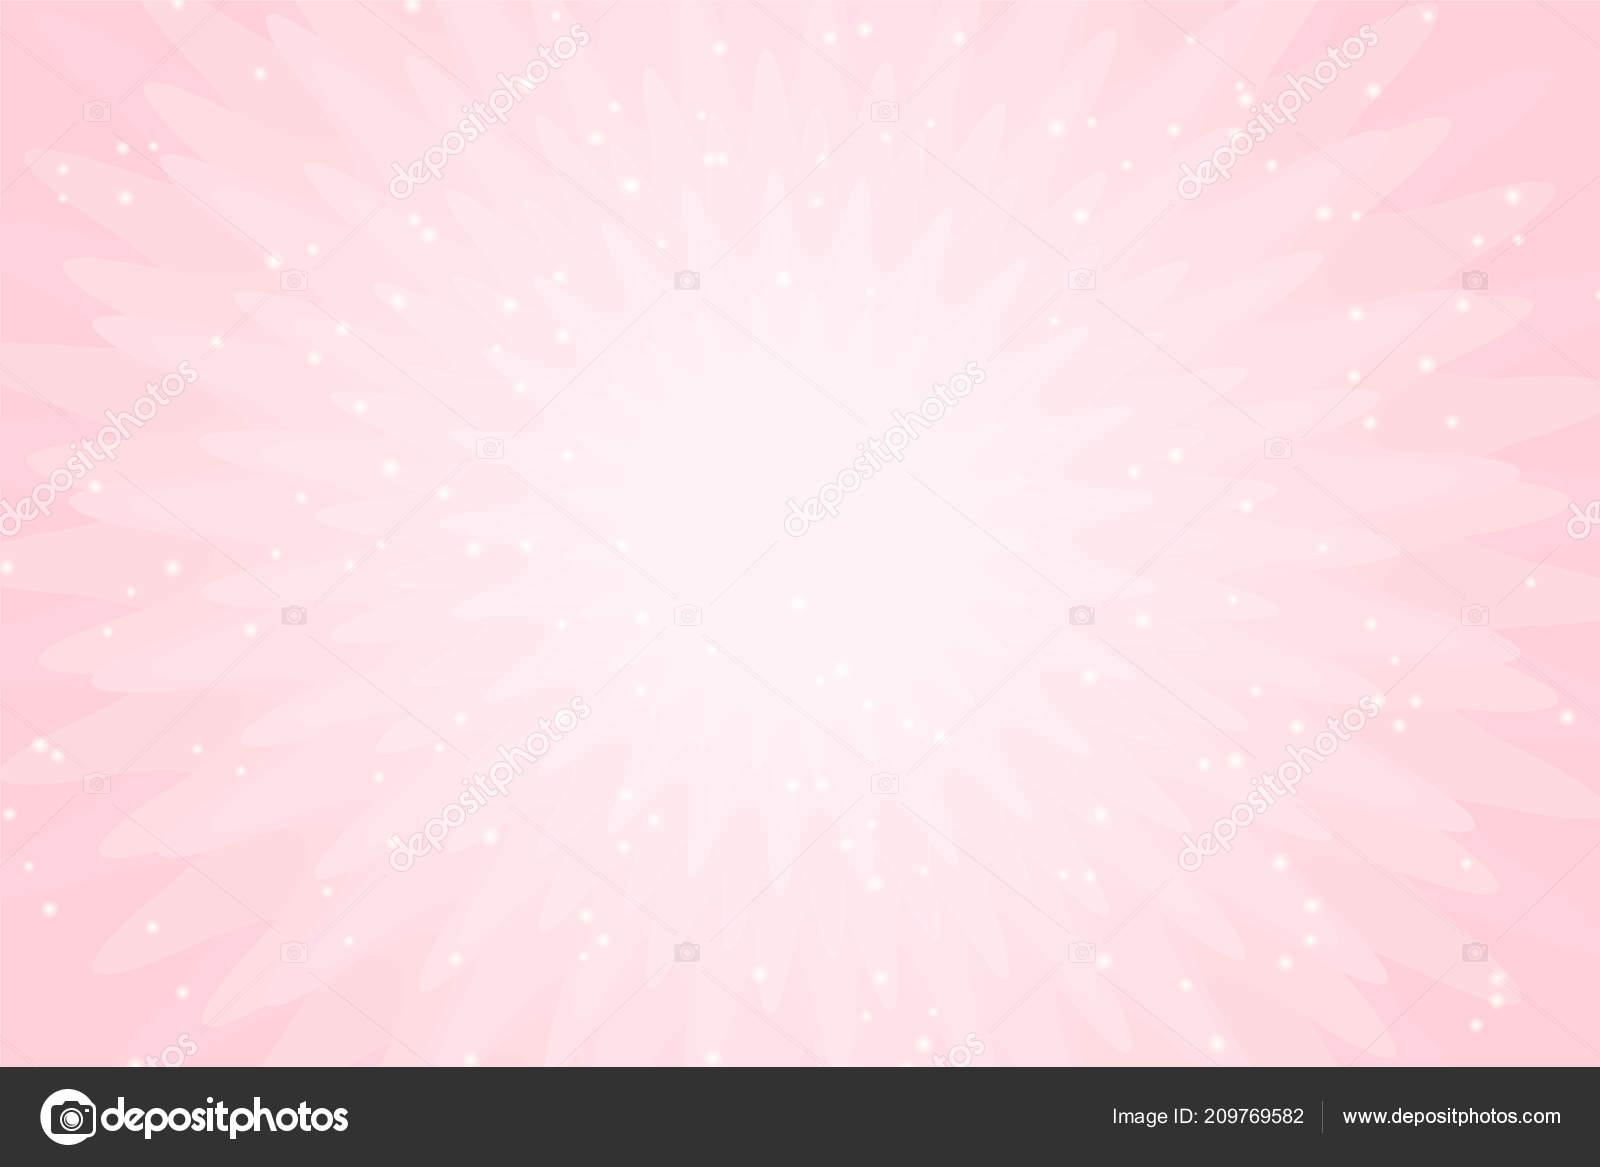 Vector pink background lights wallpaper little princess party vector pink background lights wallpaper little princess party invitation card vetores de stock stopboris Image collections